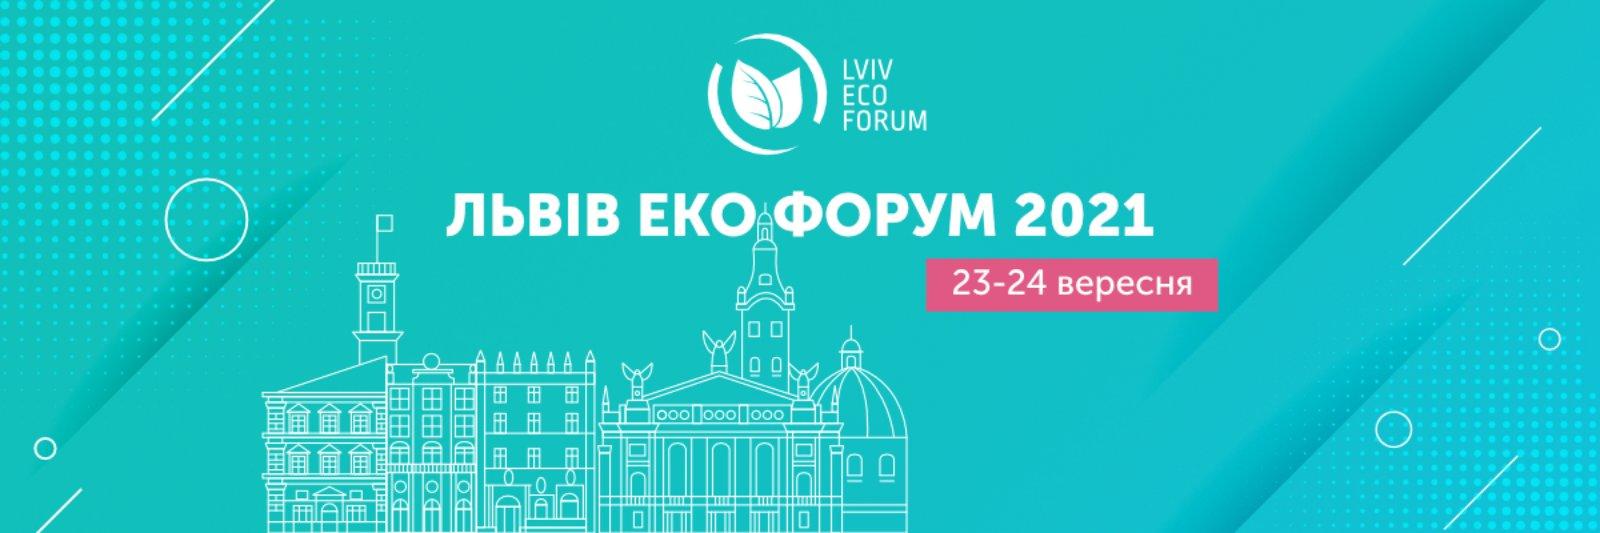 Lviv Eco Forum'21